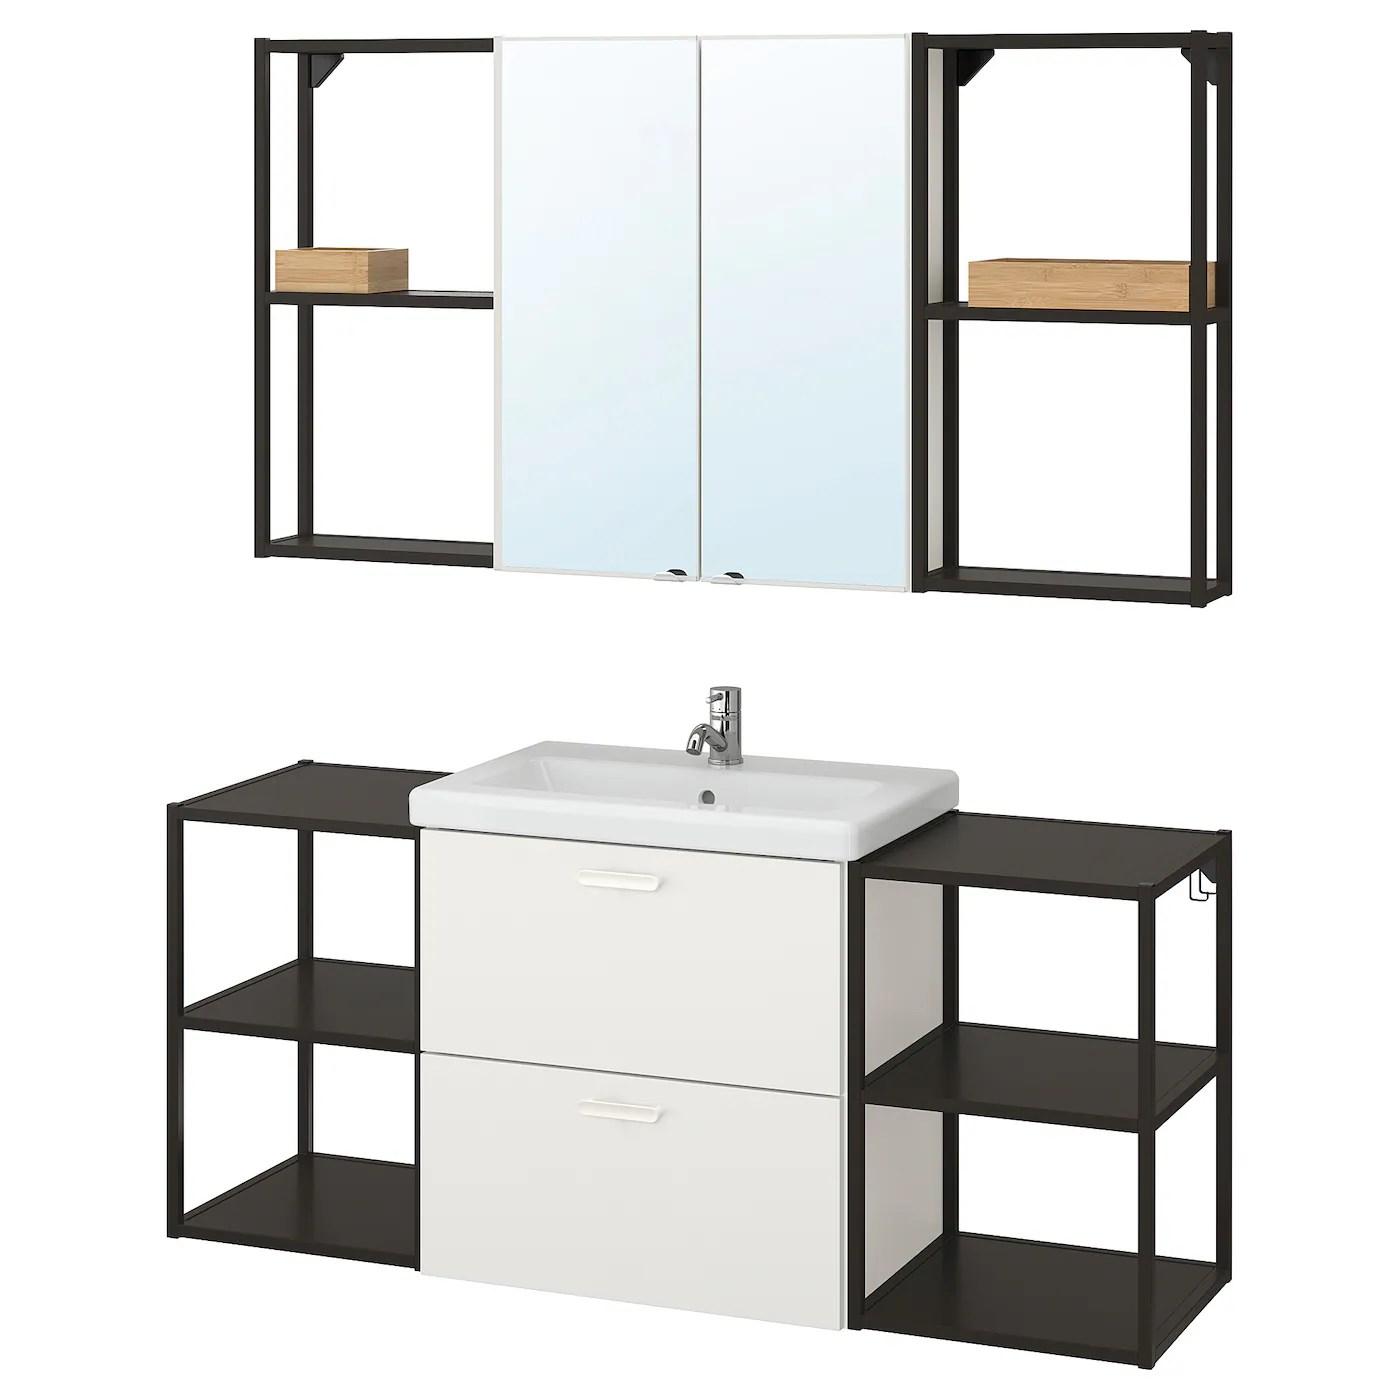 Enhet Tvallen Mobilier Salle De Bain 18 Pieces Blanc Anthracite Pilkan Mitigeur Lavabo Ikea